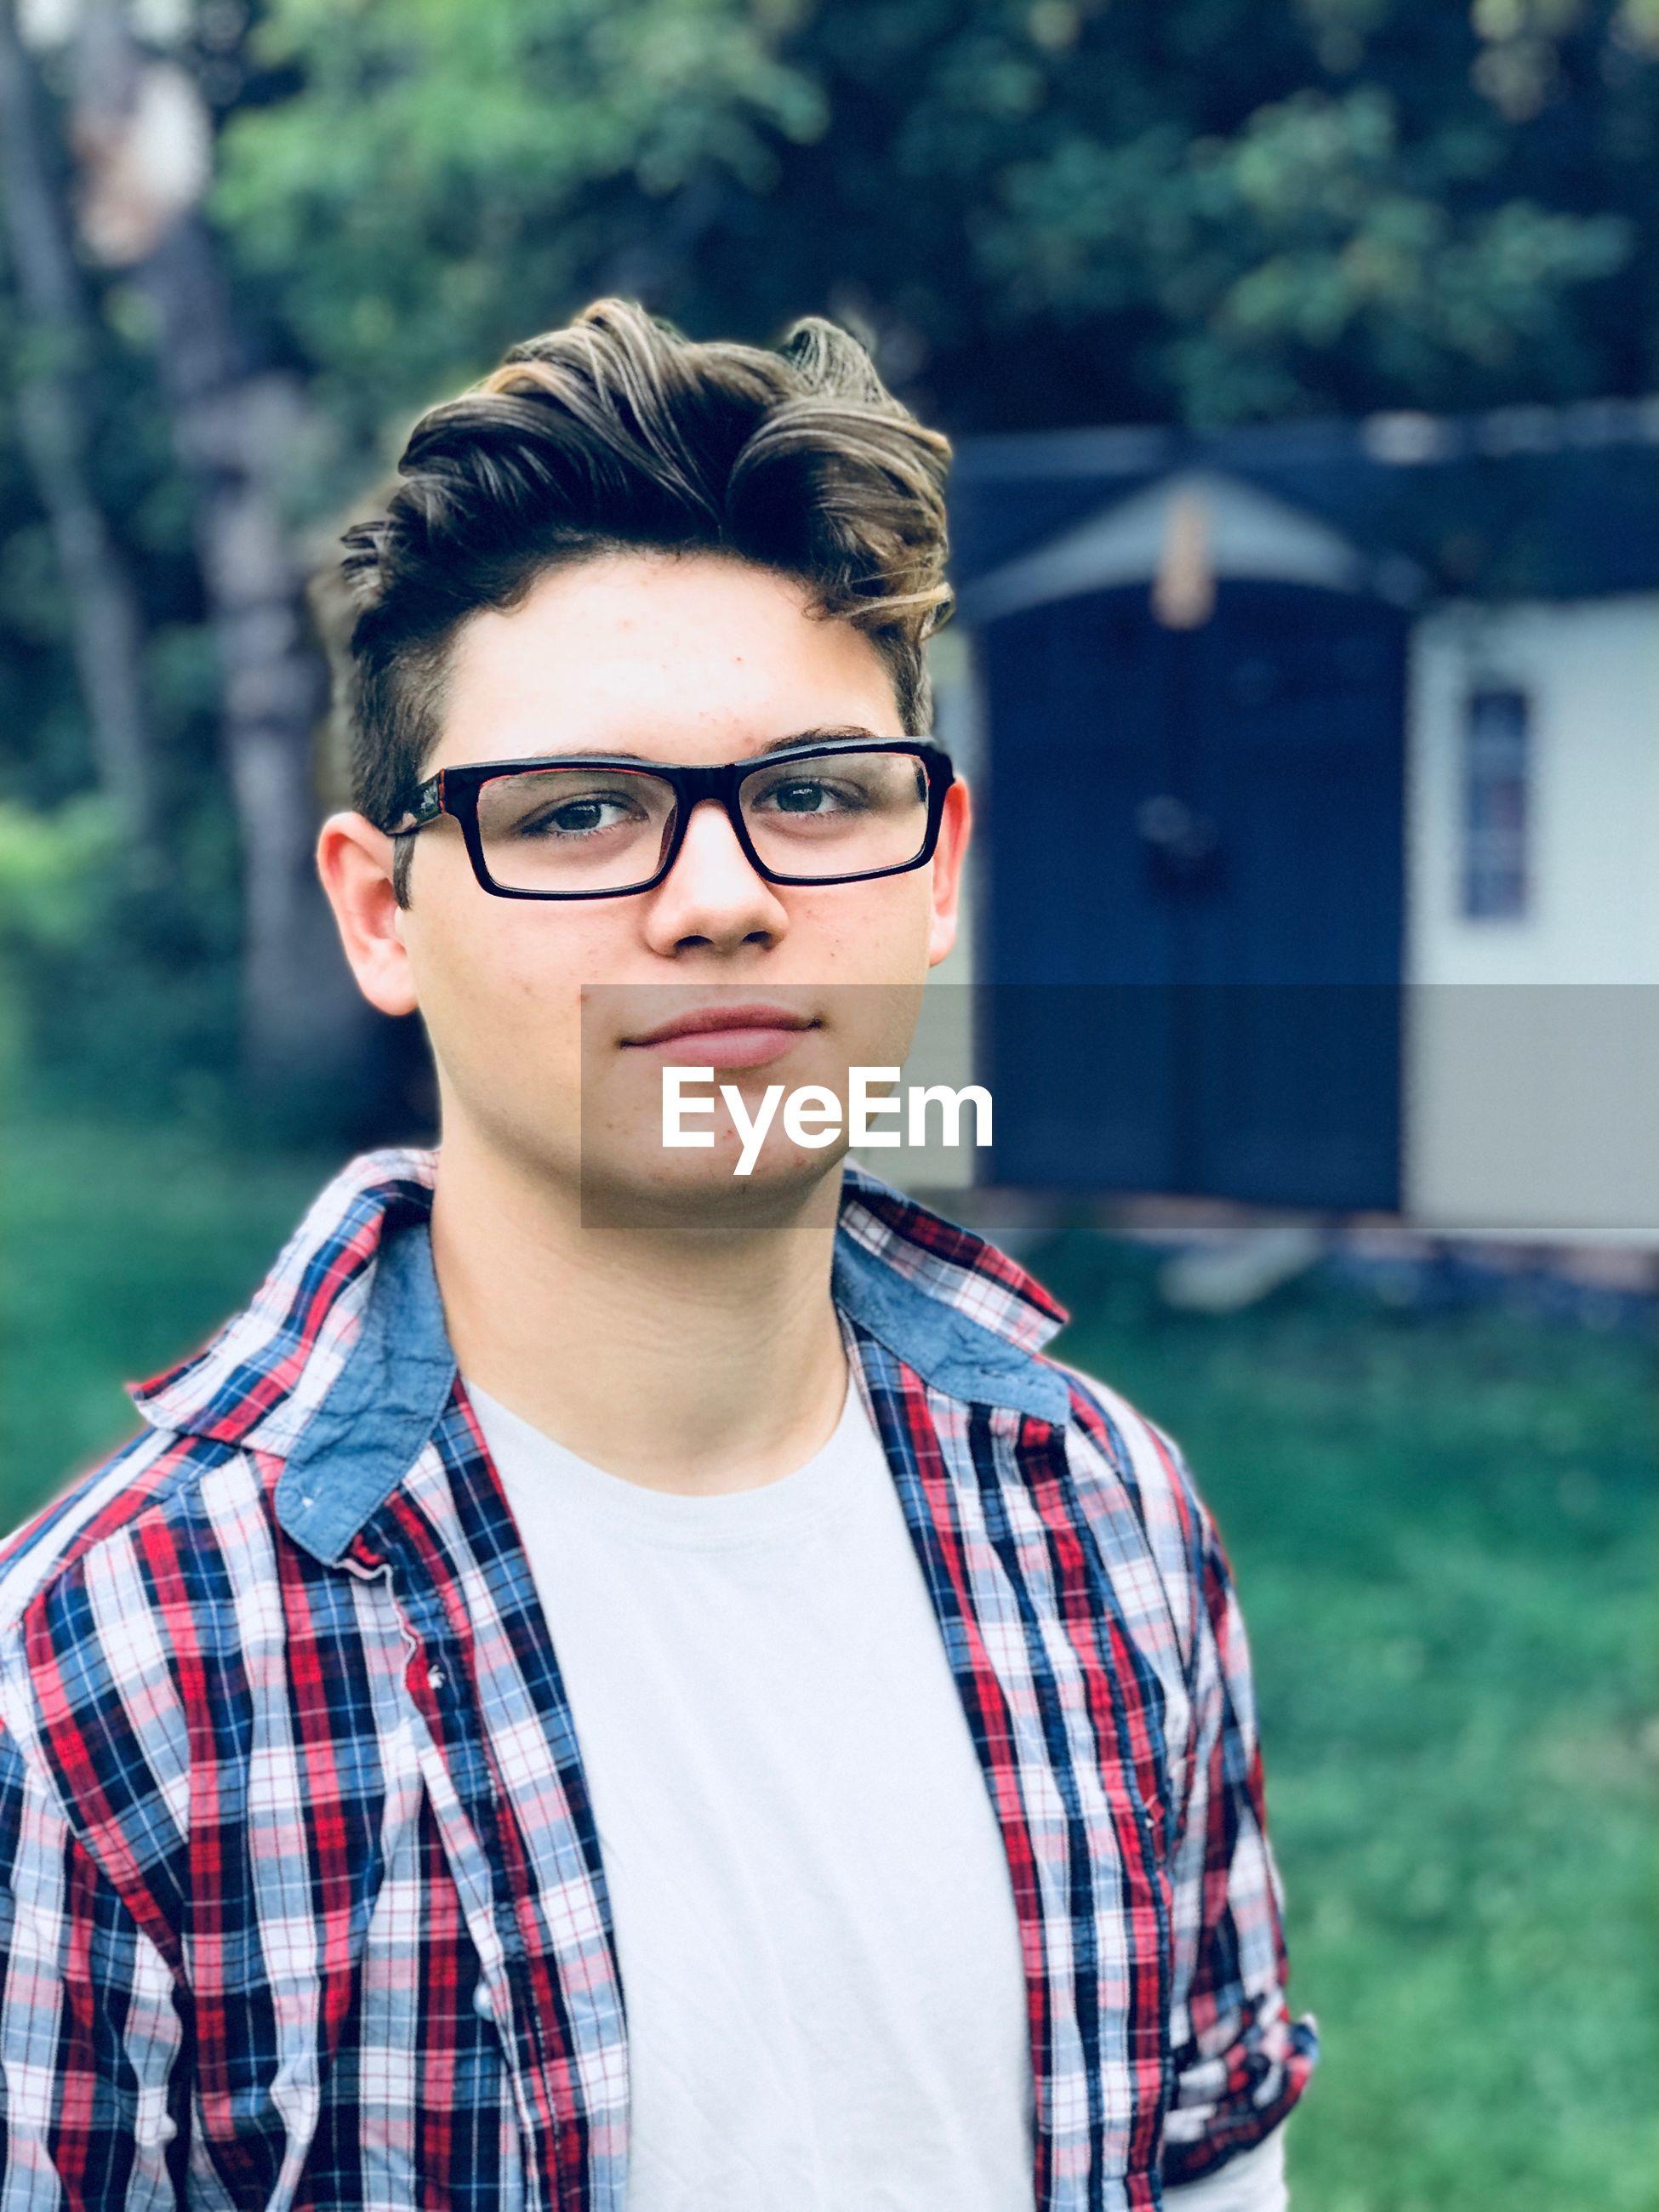 Portrait of teenage boy wearing eyeglasses outdoors